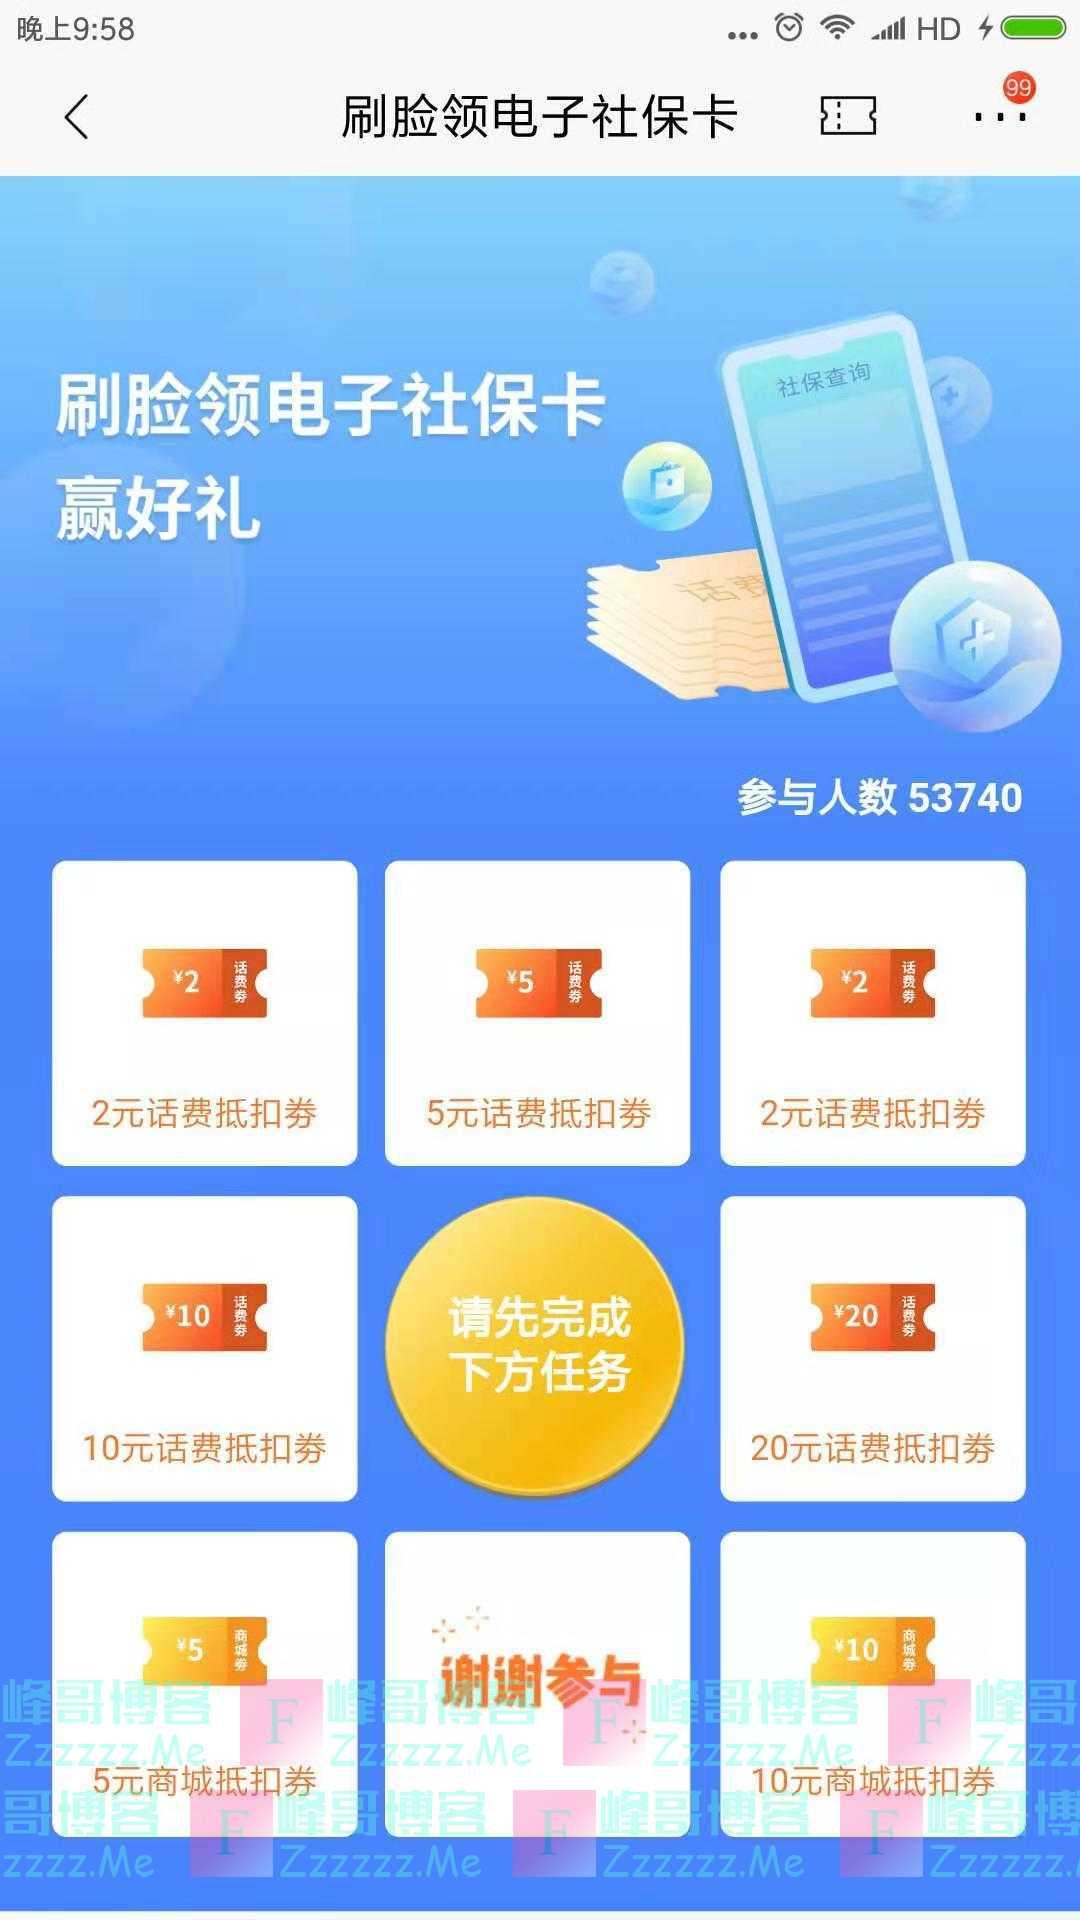 招行刷脸领电子社保卡赢好礼(截止10月31日)